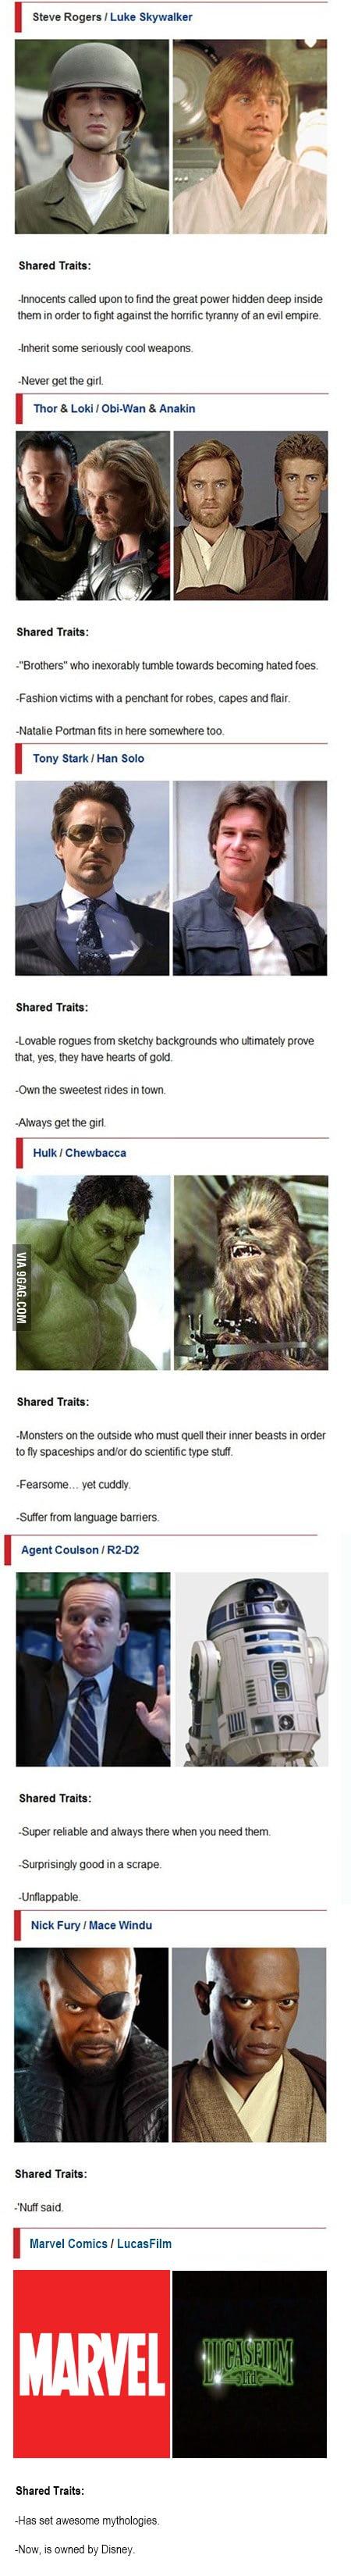 Star Wars vs The Avengers